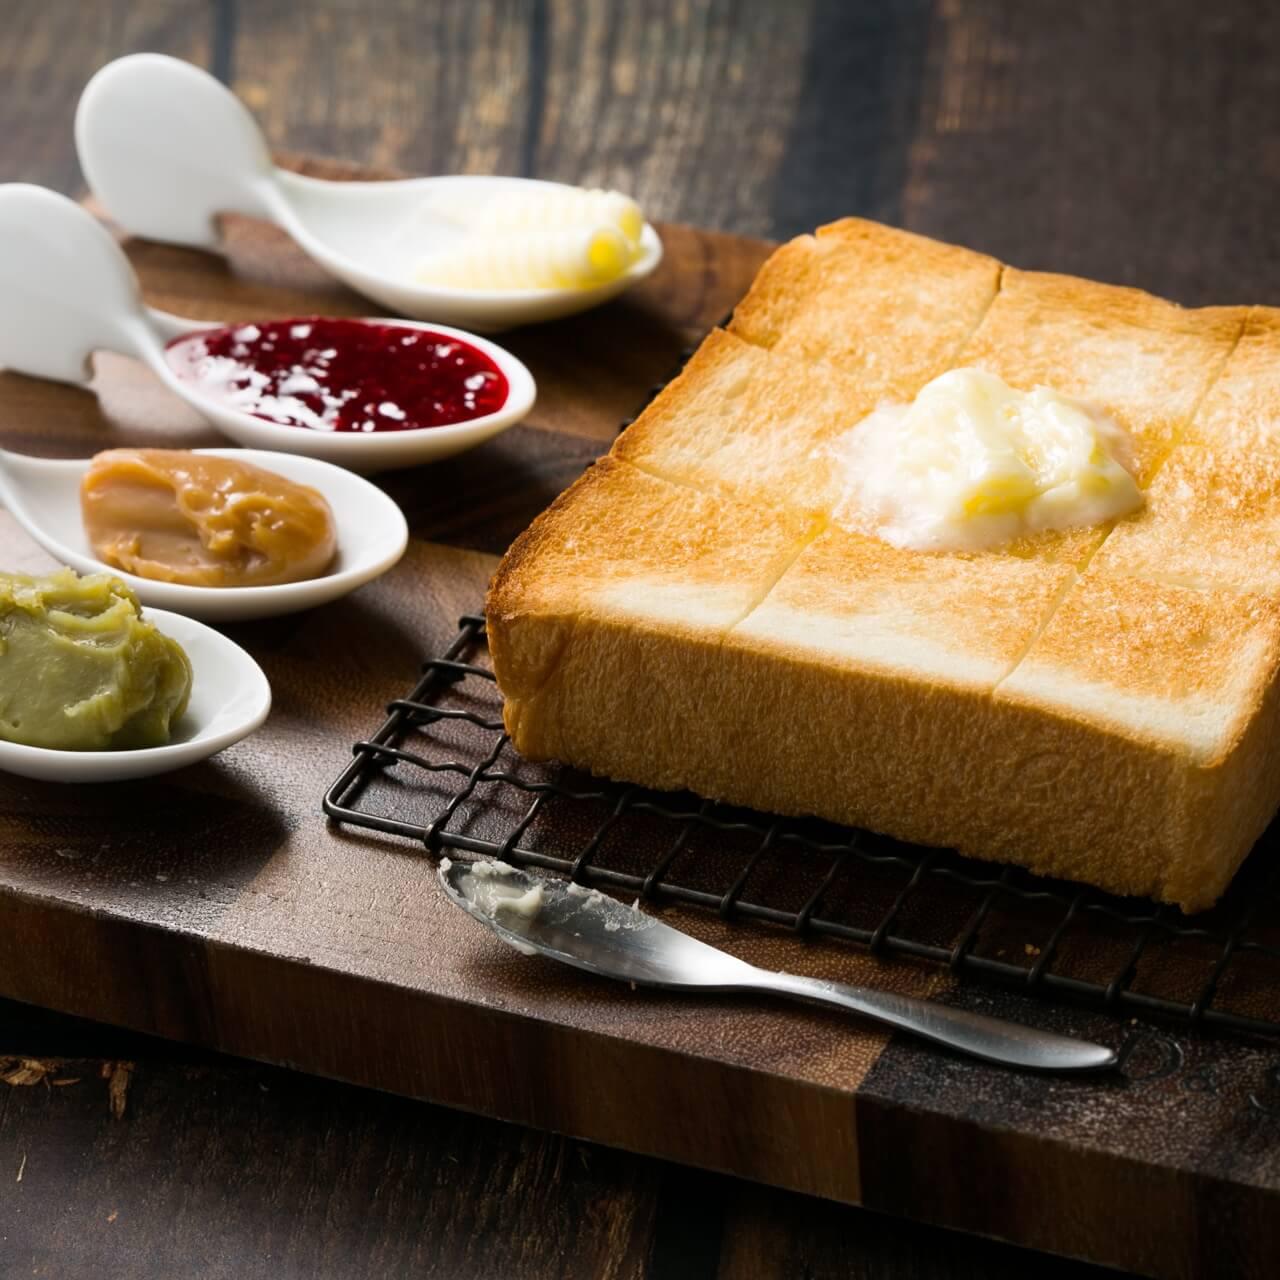 新年の手土産にも。高級食パン専門店「嵜本」で3日間限定の食パンが発売